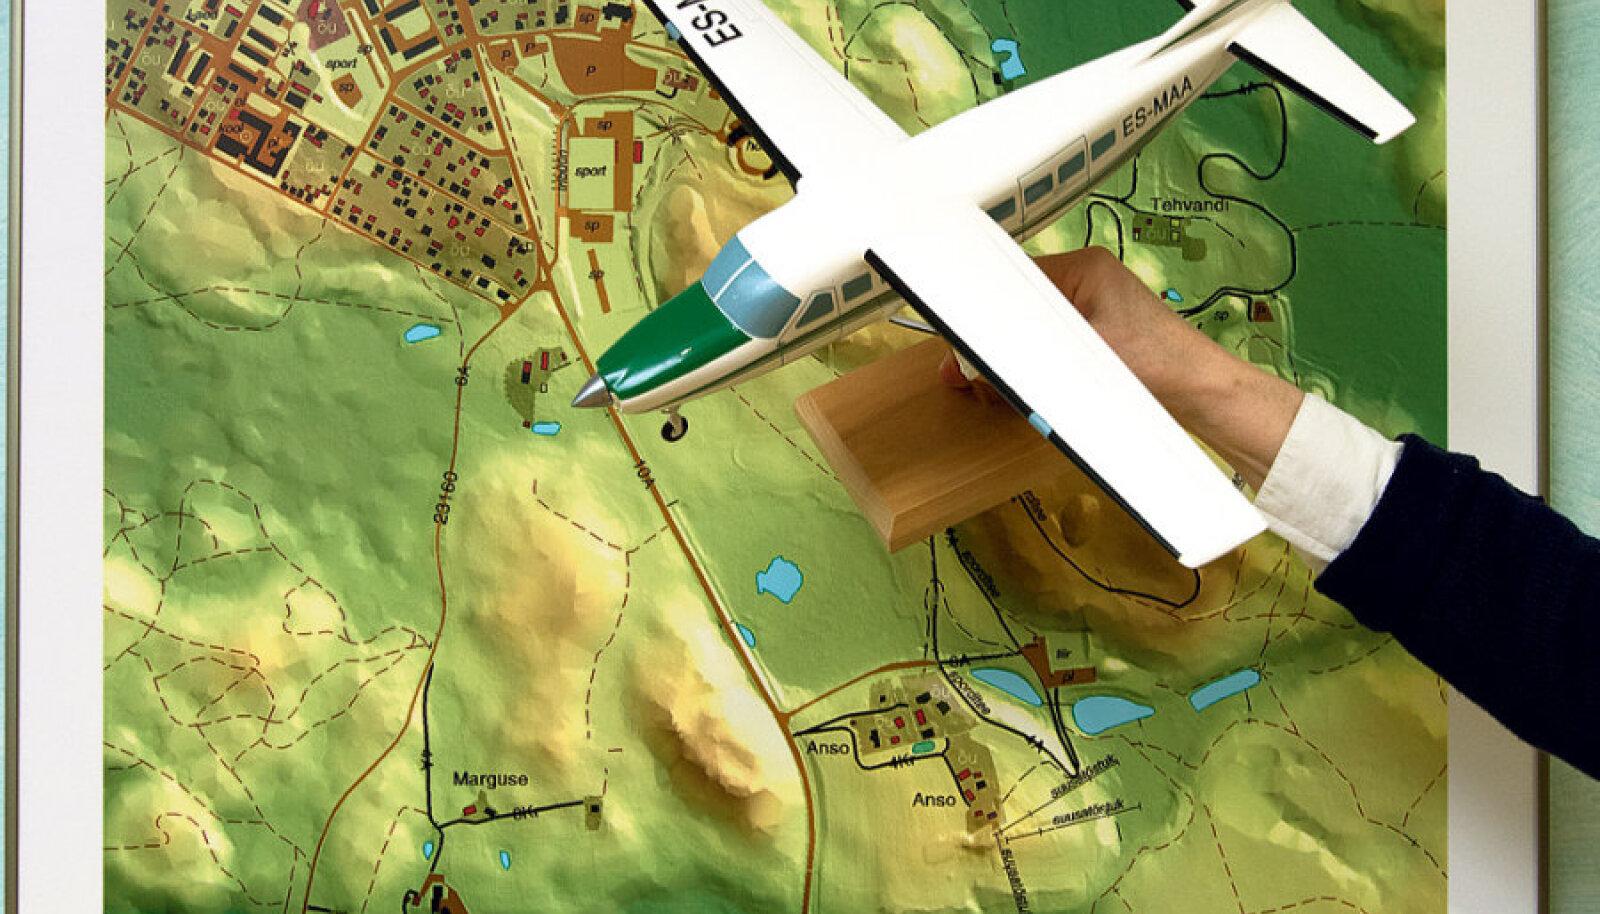 Maa-amet kasutab kaardistamiseks eraldi selleks kohandatud väikelennukit, milles laserskänner  ja spetsiaalne masin digitaalsete fotode saamiseks.